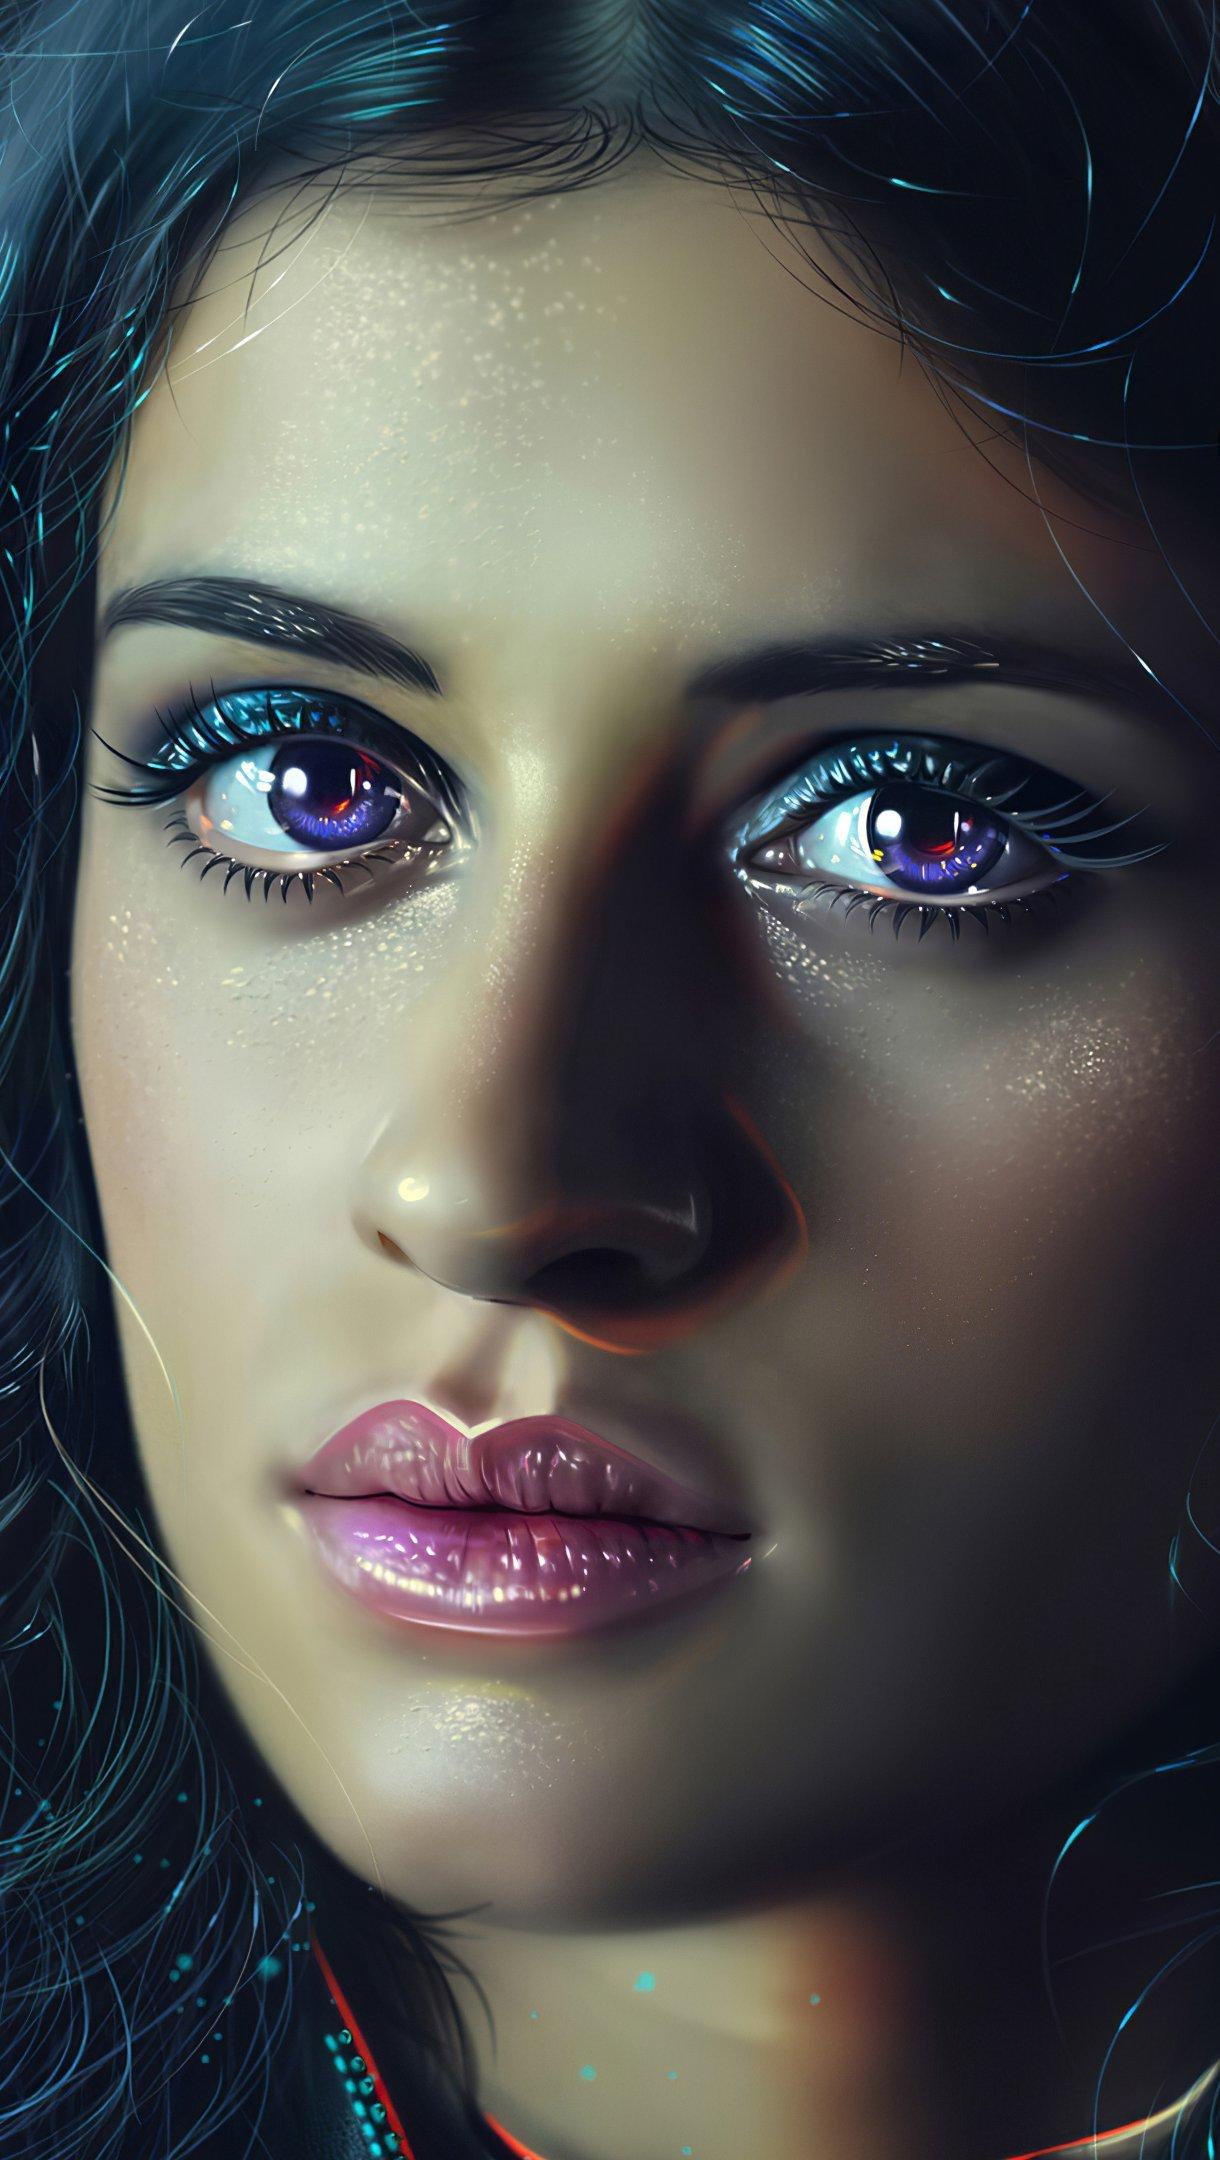 Fondos de pantalla Anya Chalotra como Yennefer en The witcher Vertical